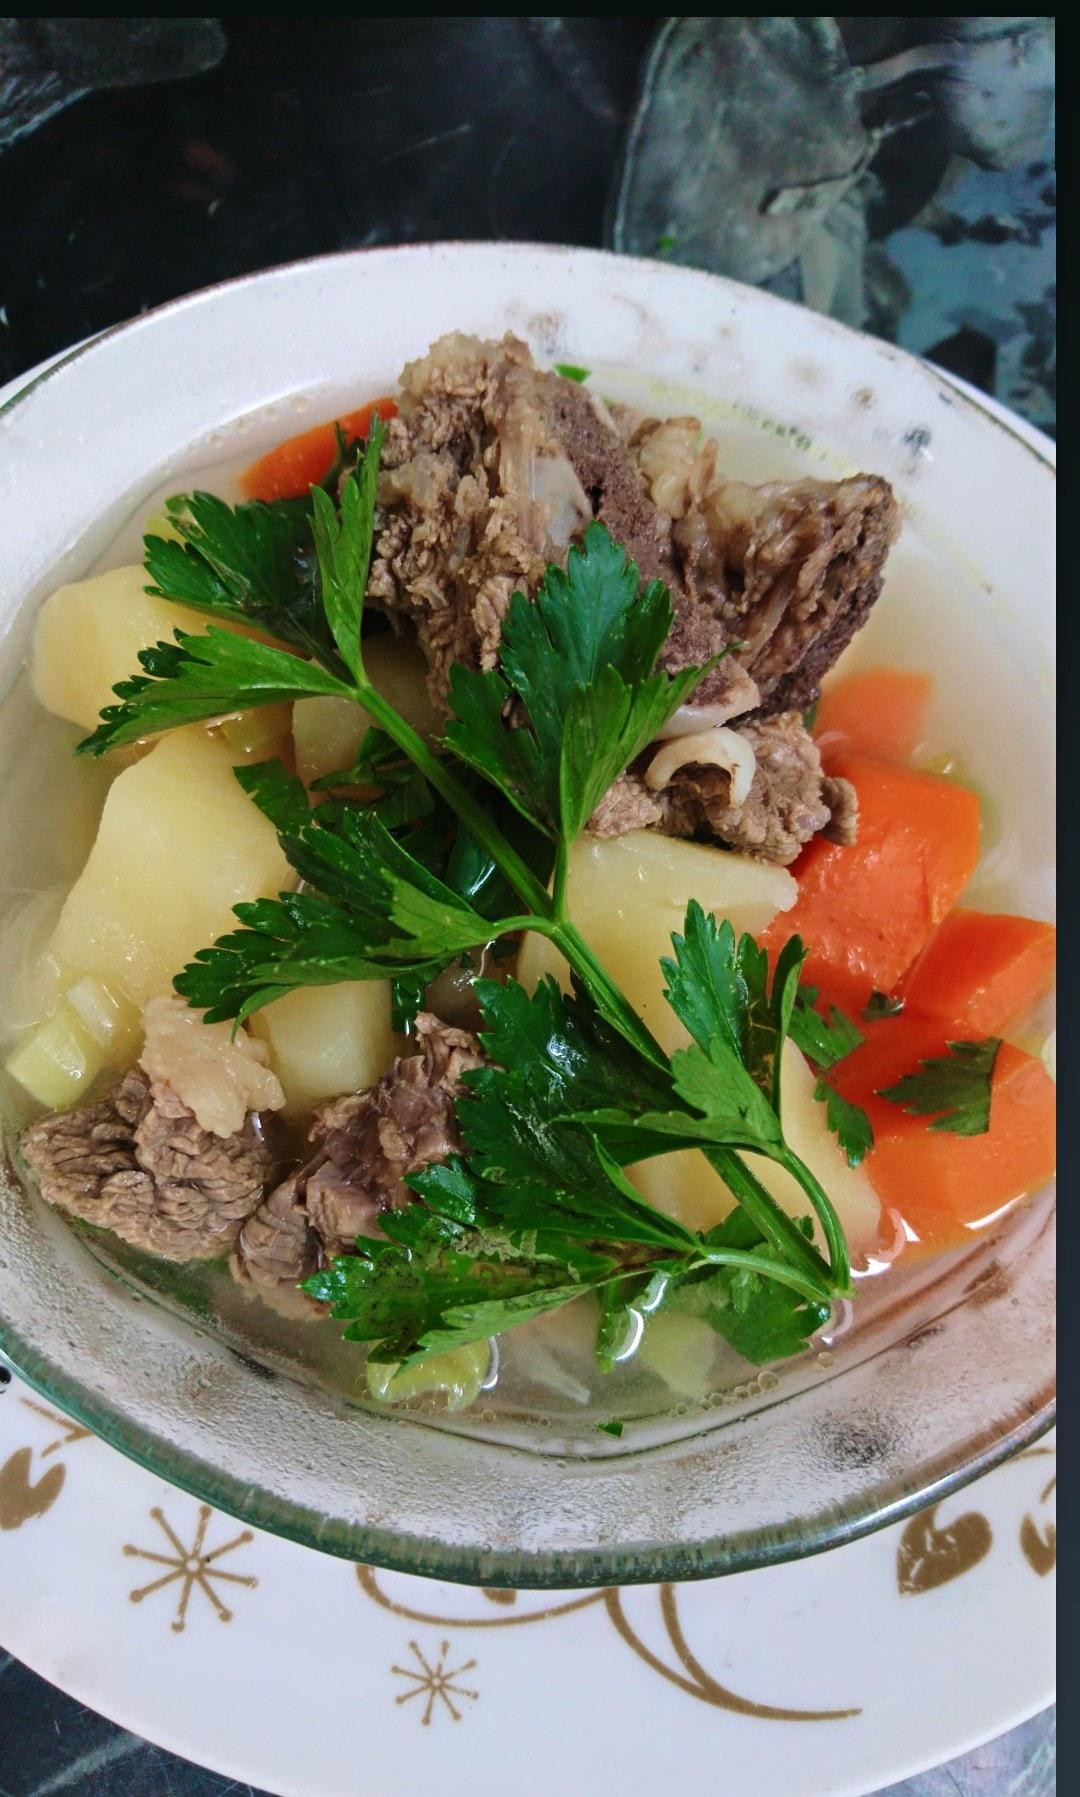 resep Sop tulang sapi by Nanda Sukesi